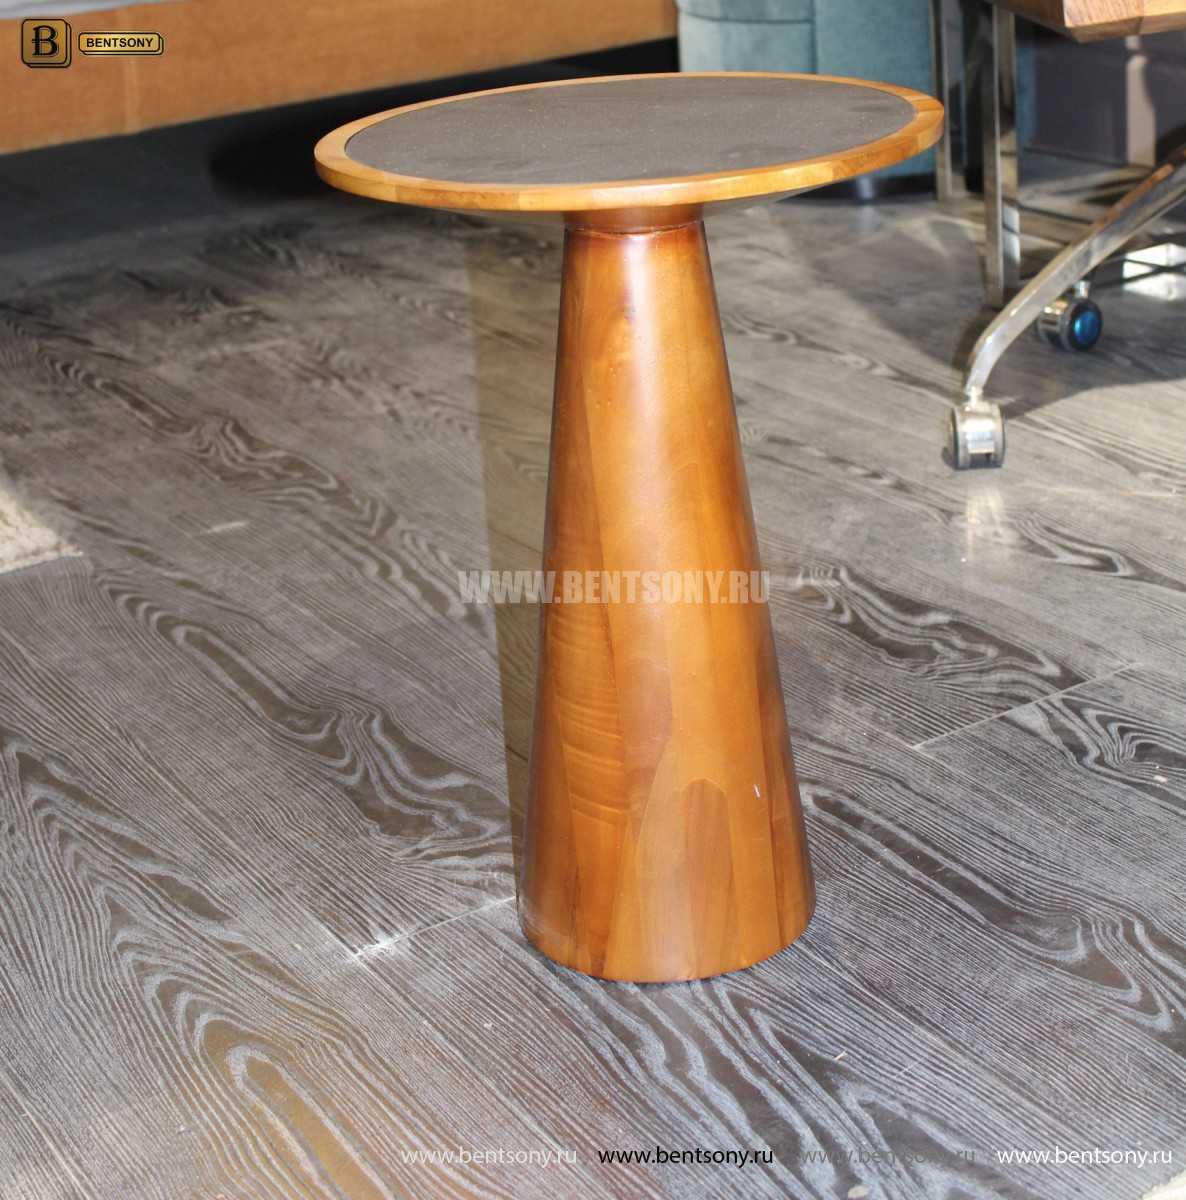 Деревянный приставной стол (Стеклянная столешница) для дома